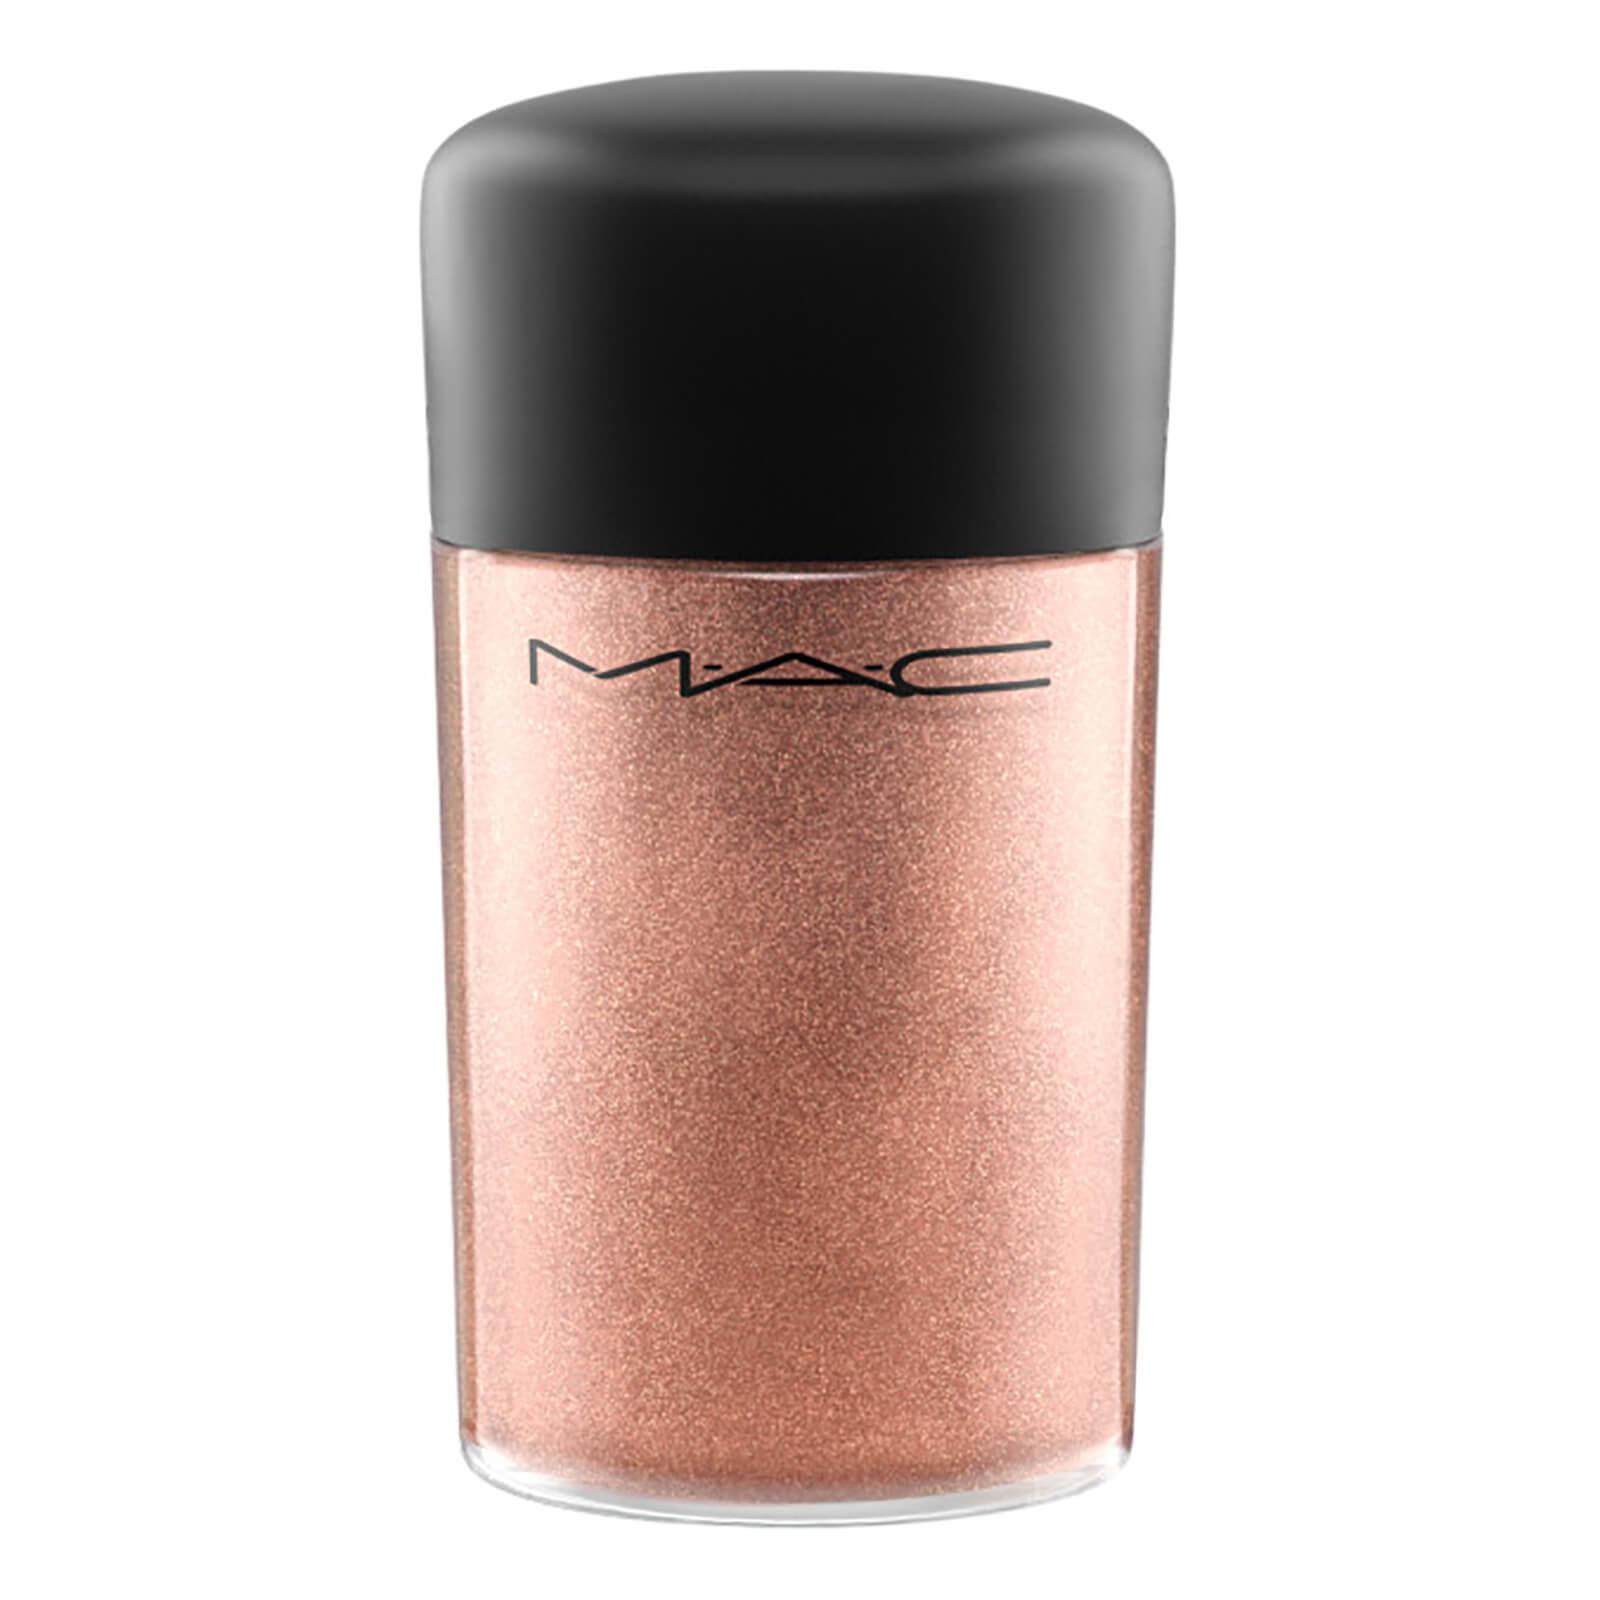 MAC Pigment Colour Powder (Various Shades) - Tan